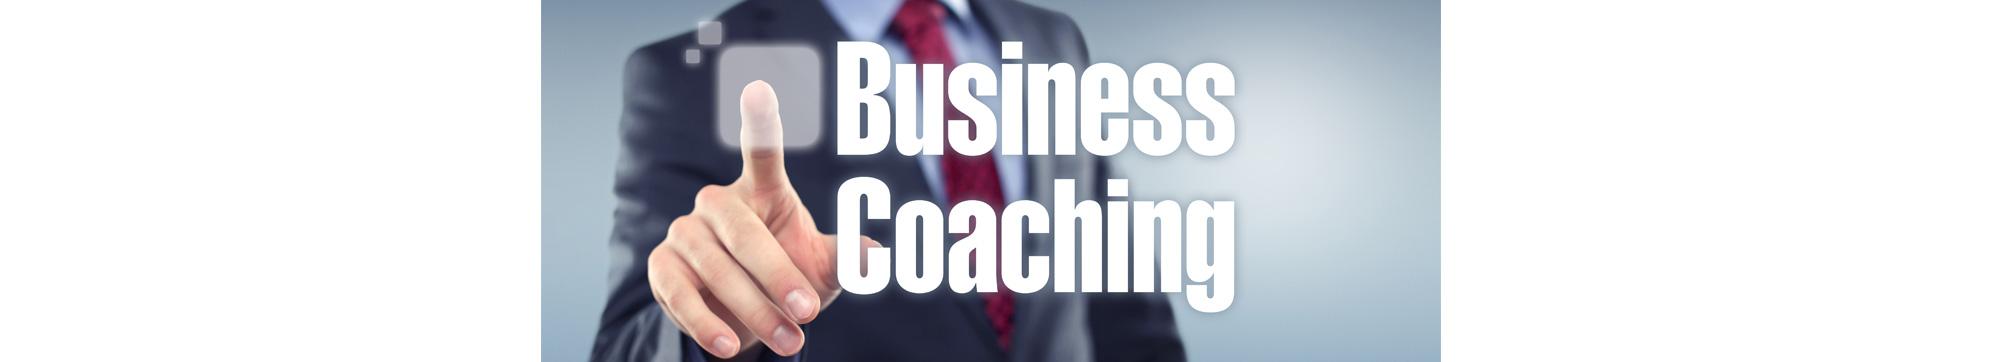 amacodev-business-coaching